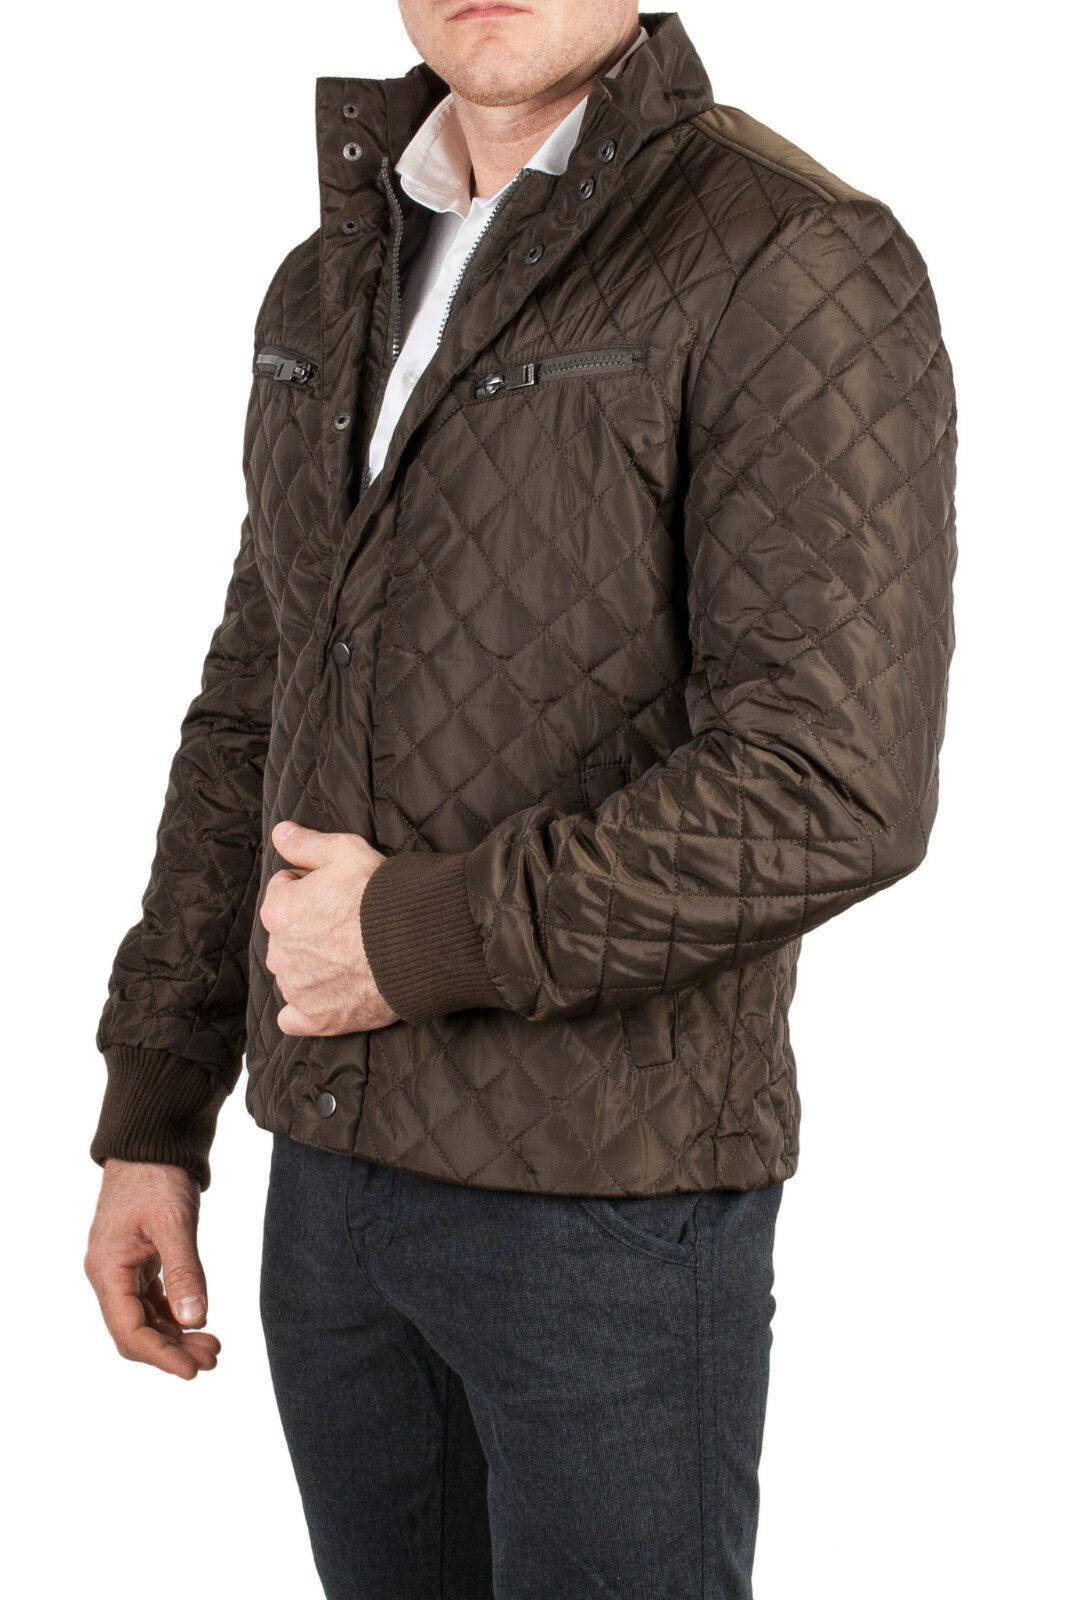 hot sale online ca12d 06908 Herren Winter Steppjacke Jacke Jacke Jacke oliv Jacket Parka ...